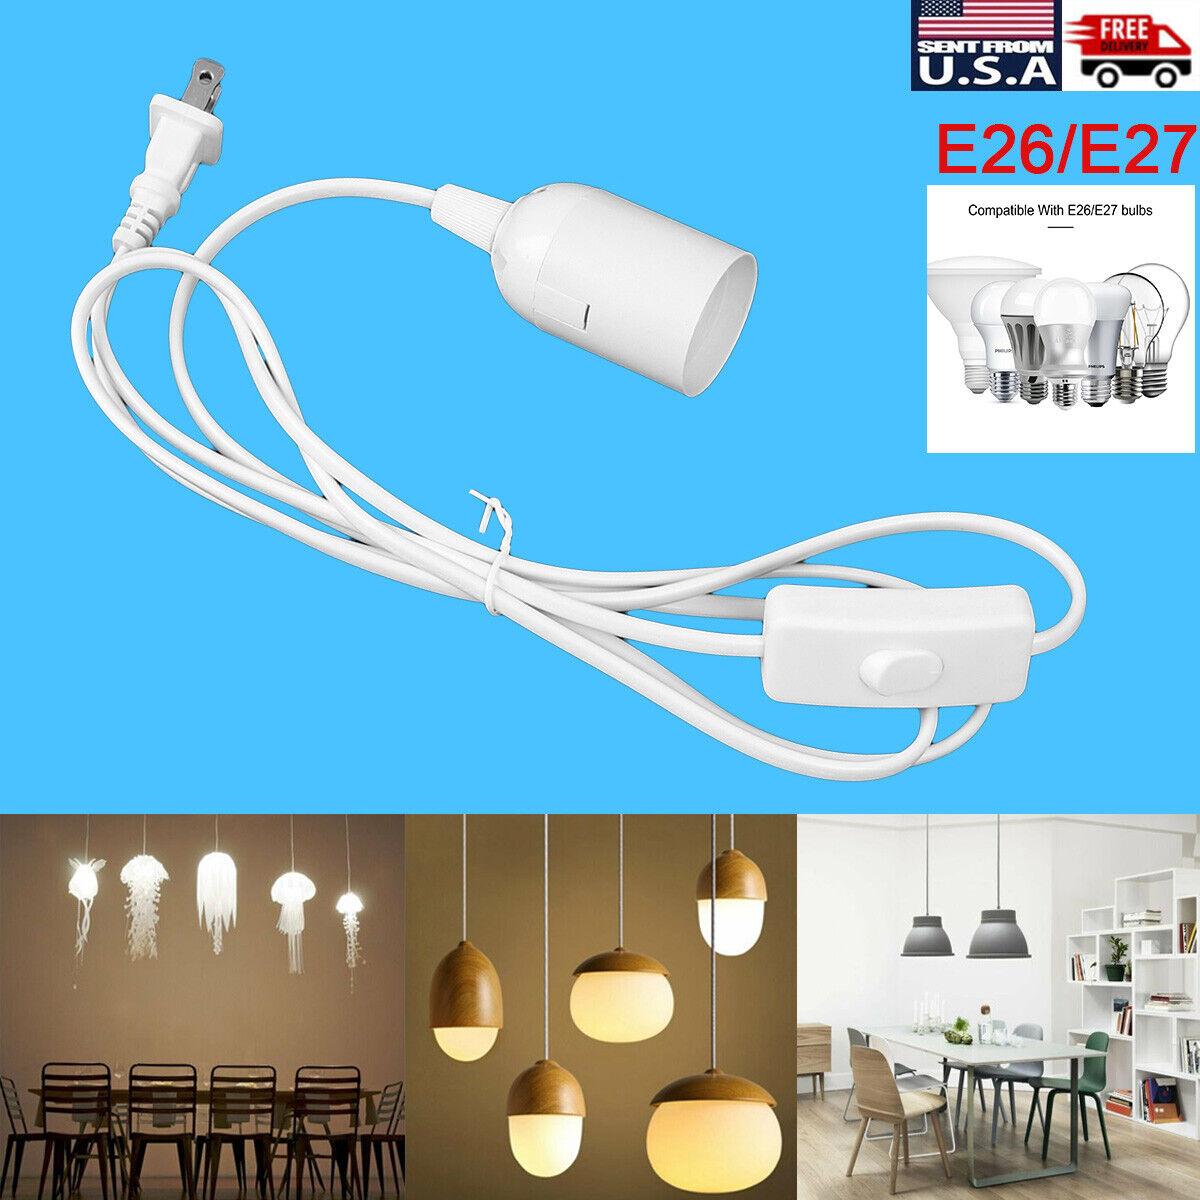 E26 E27 Bulb Socket Extension Hanging